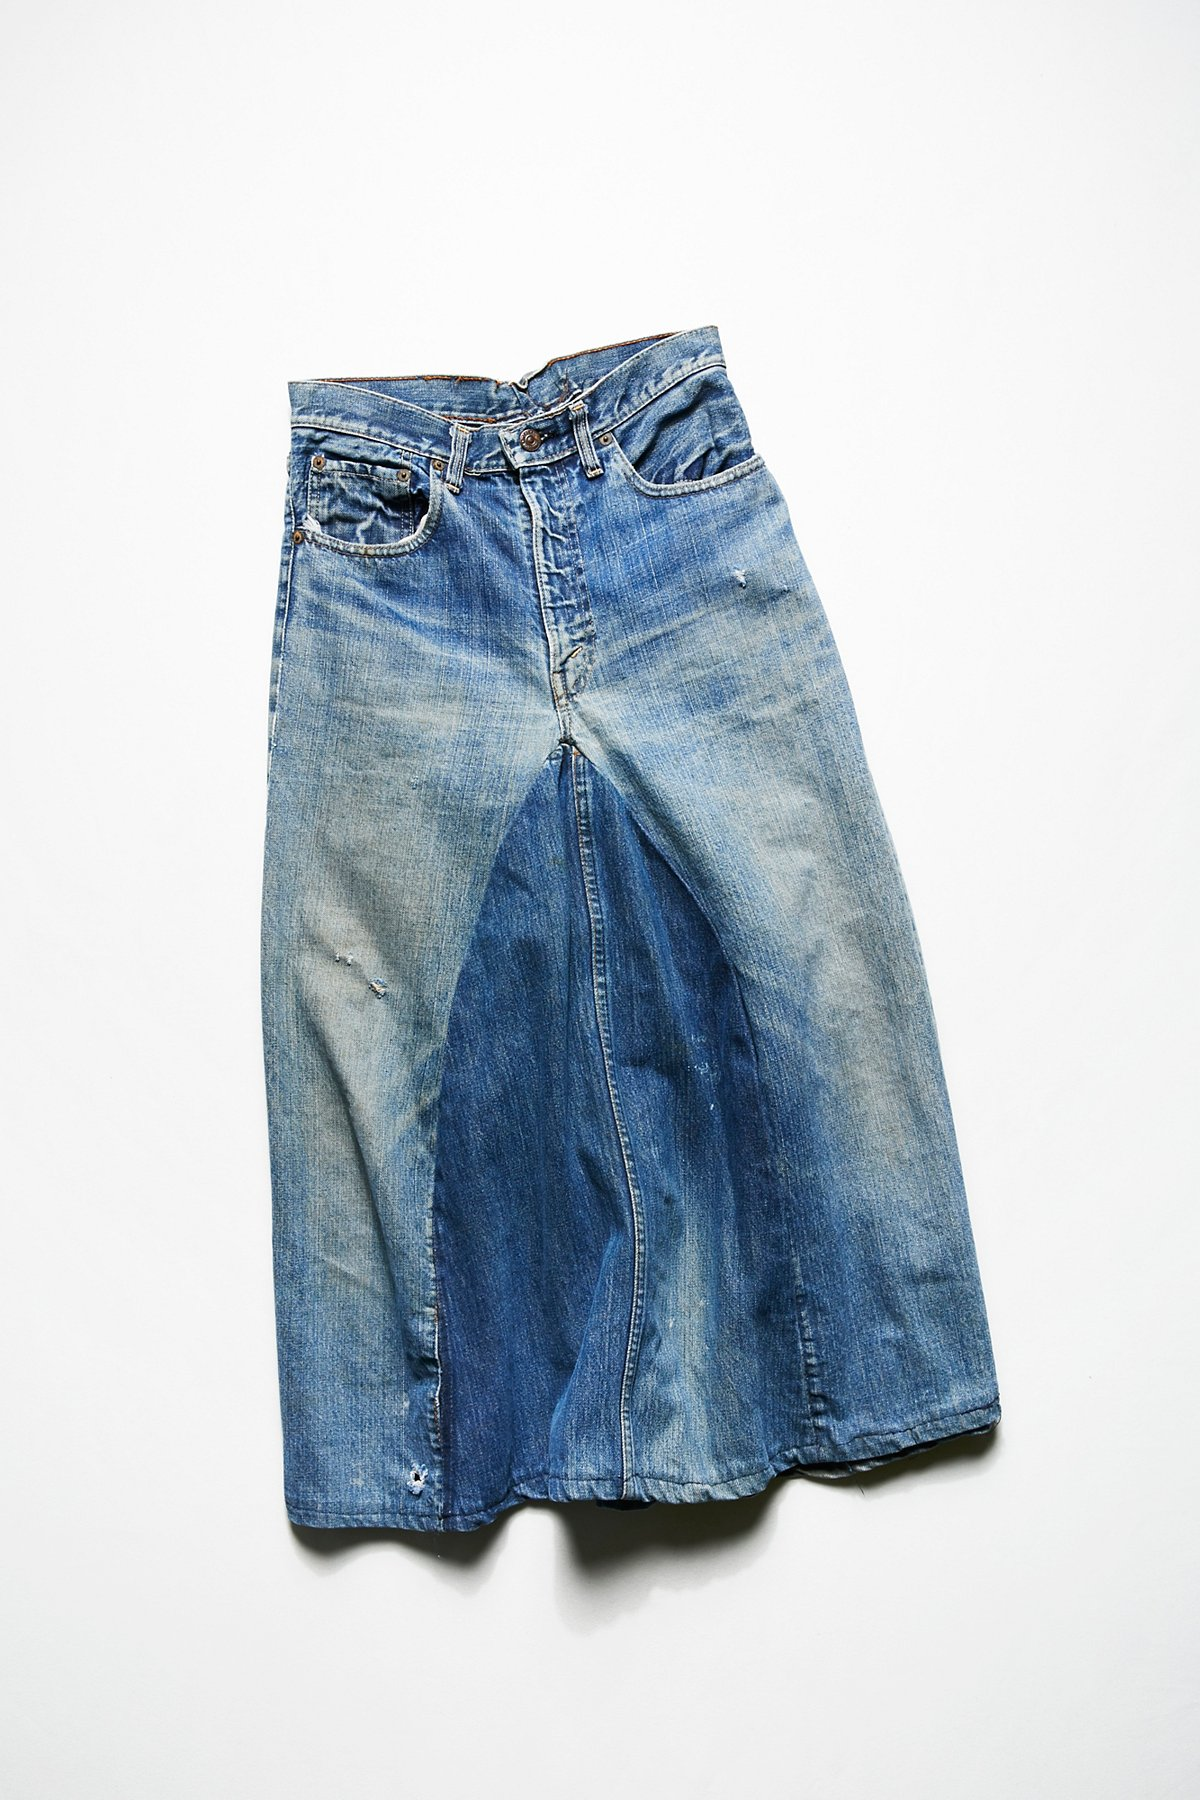 Vintage 1970s Mid Length Denim Skirt